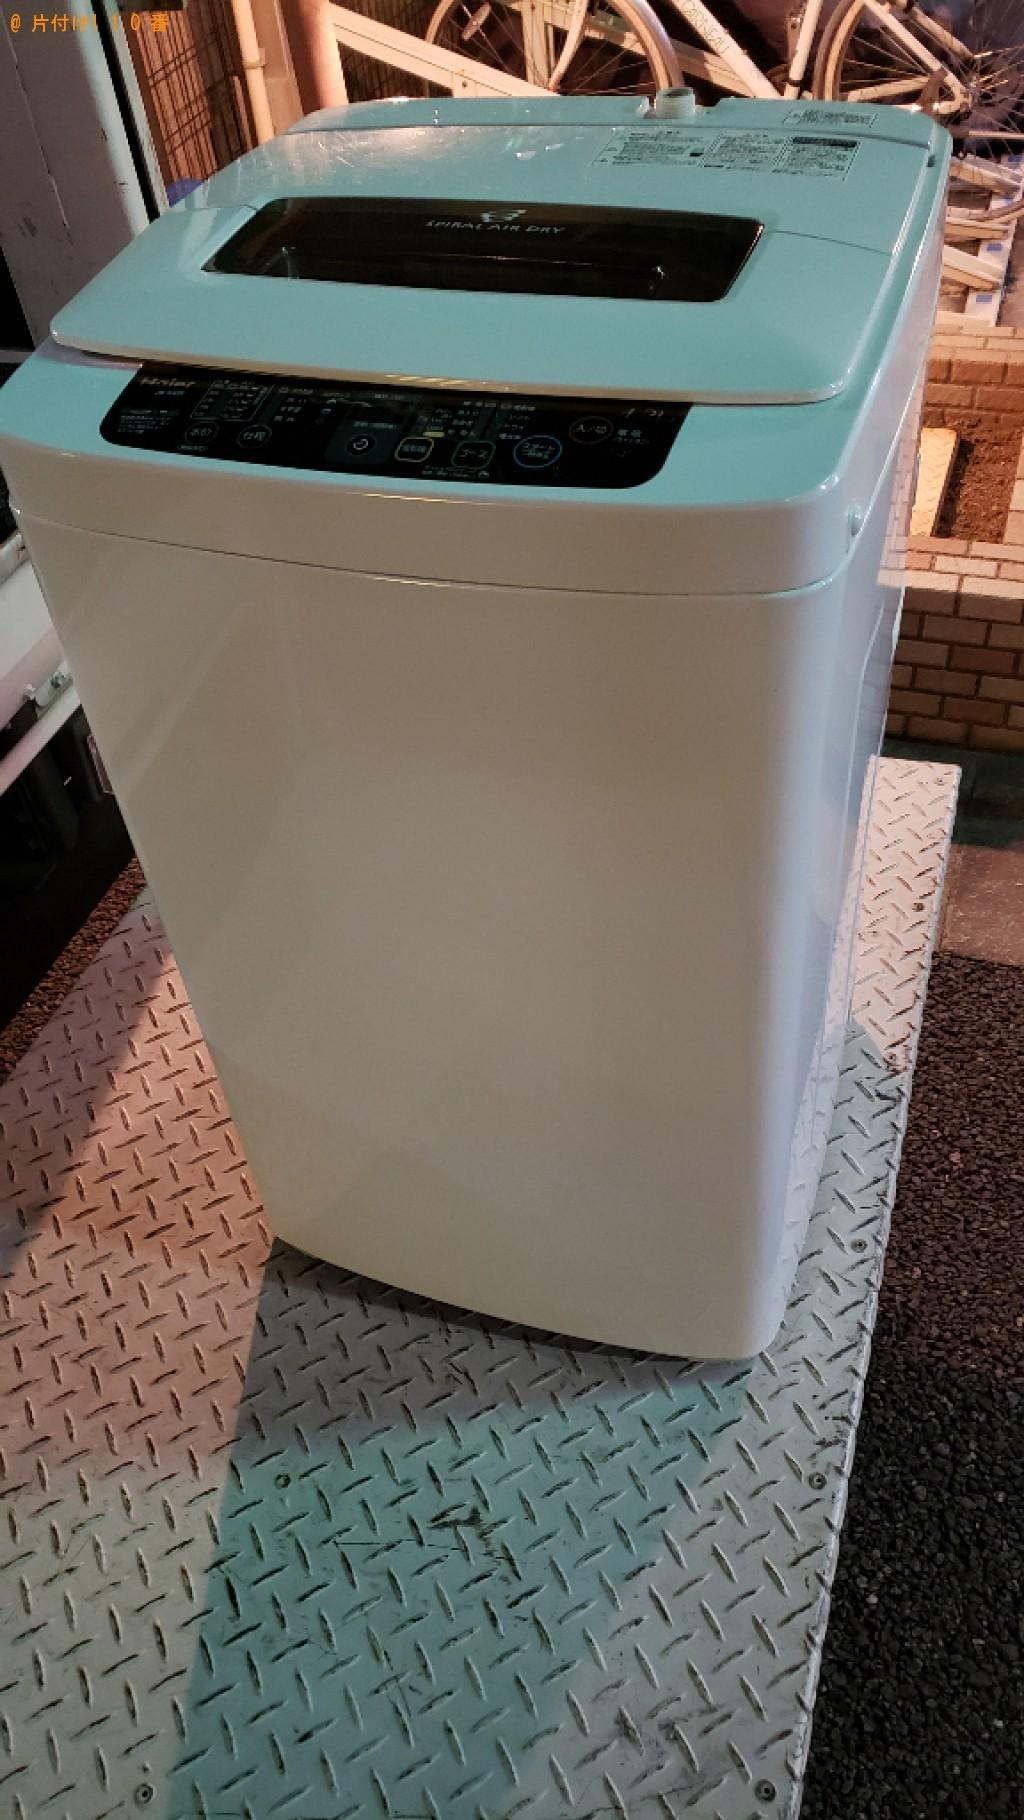 【盛岡市】冷蔵庫、洗濯機の回収・処分ご依頼 お客様の声